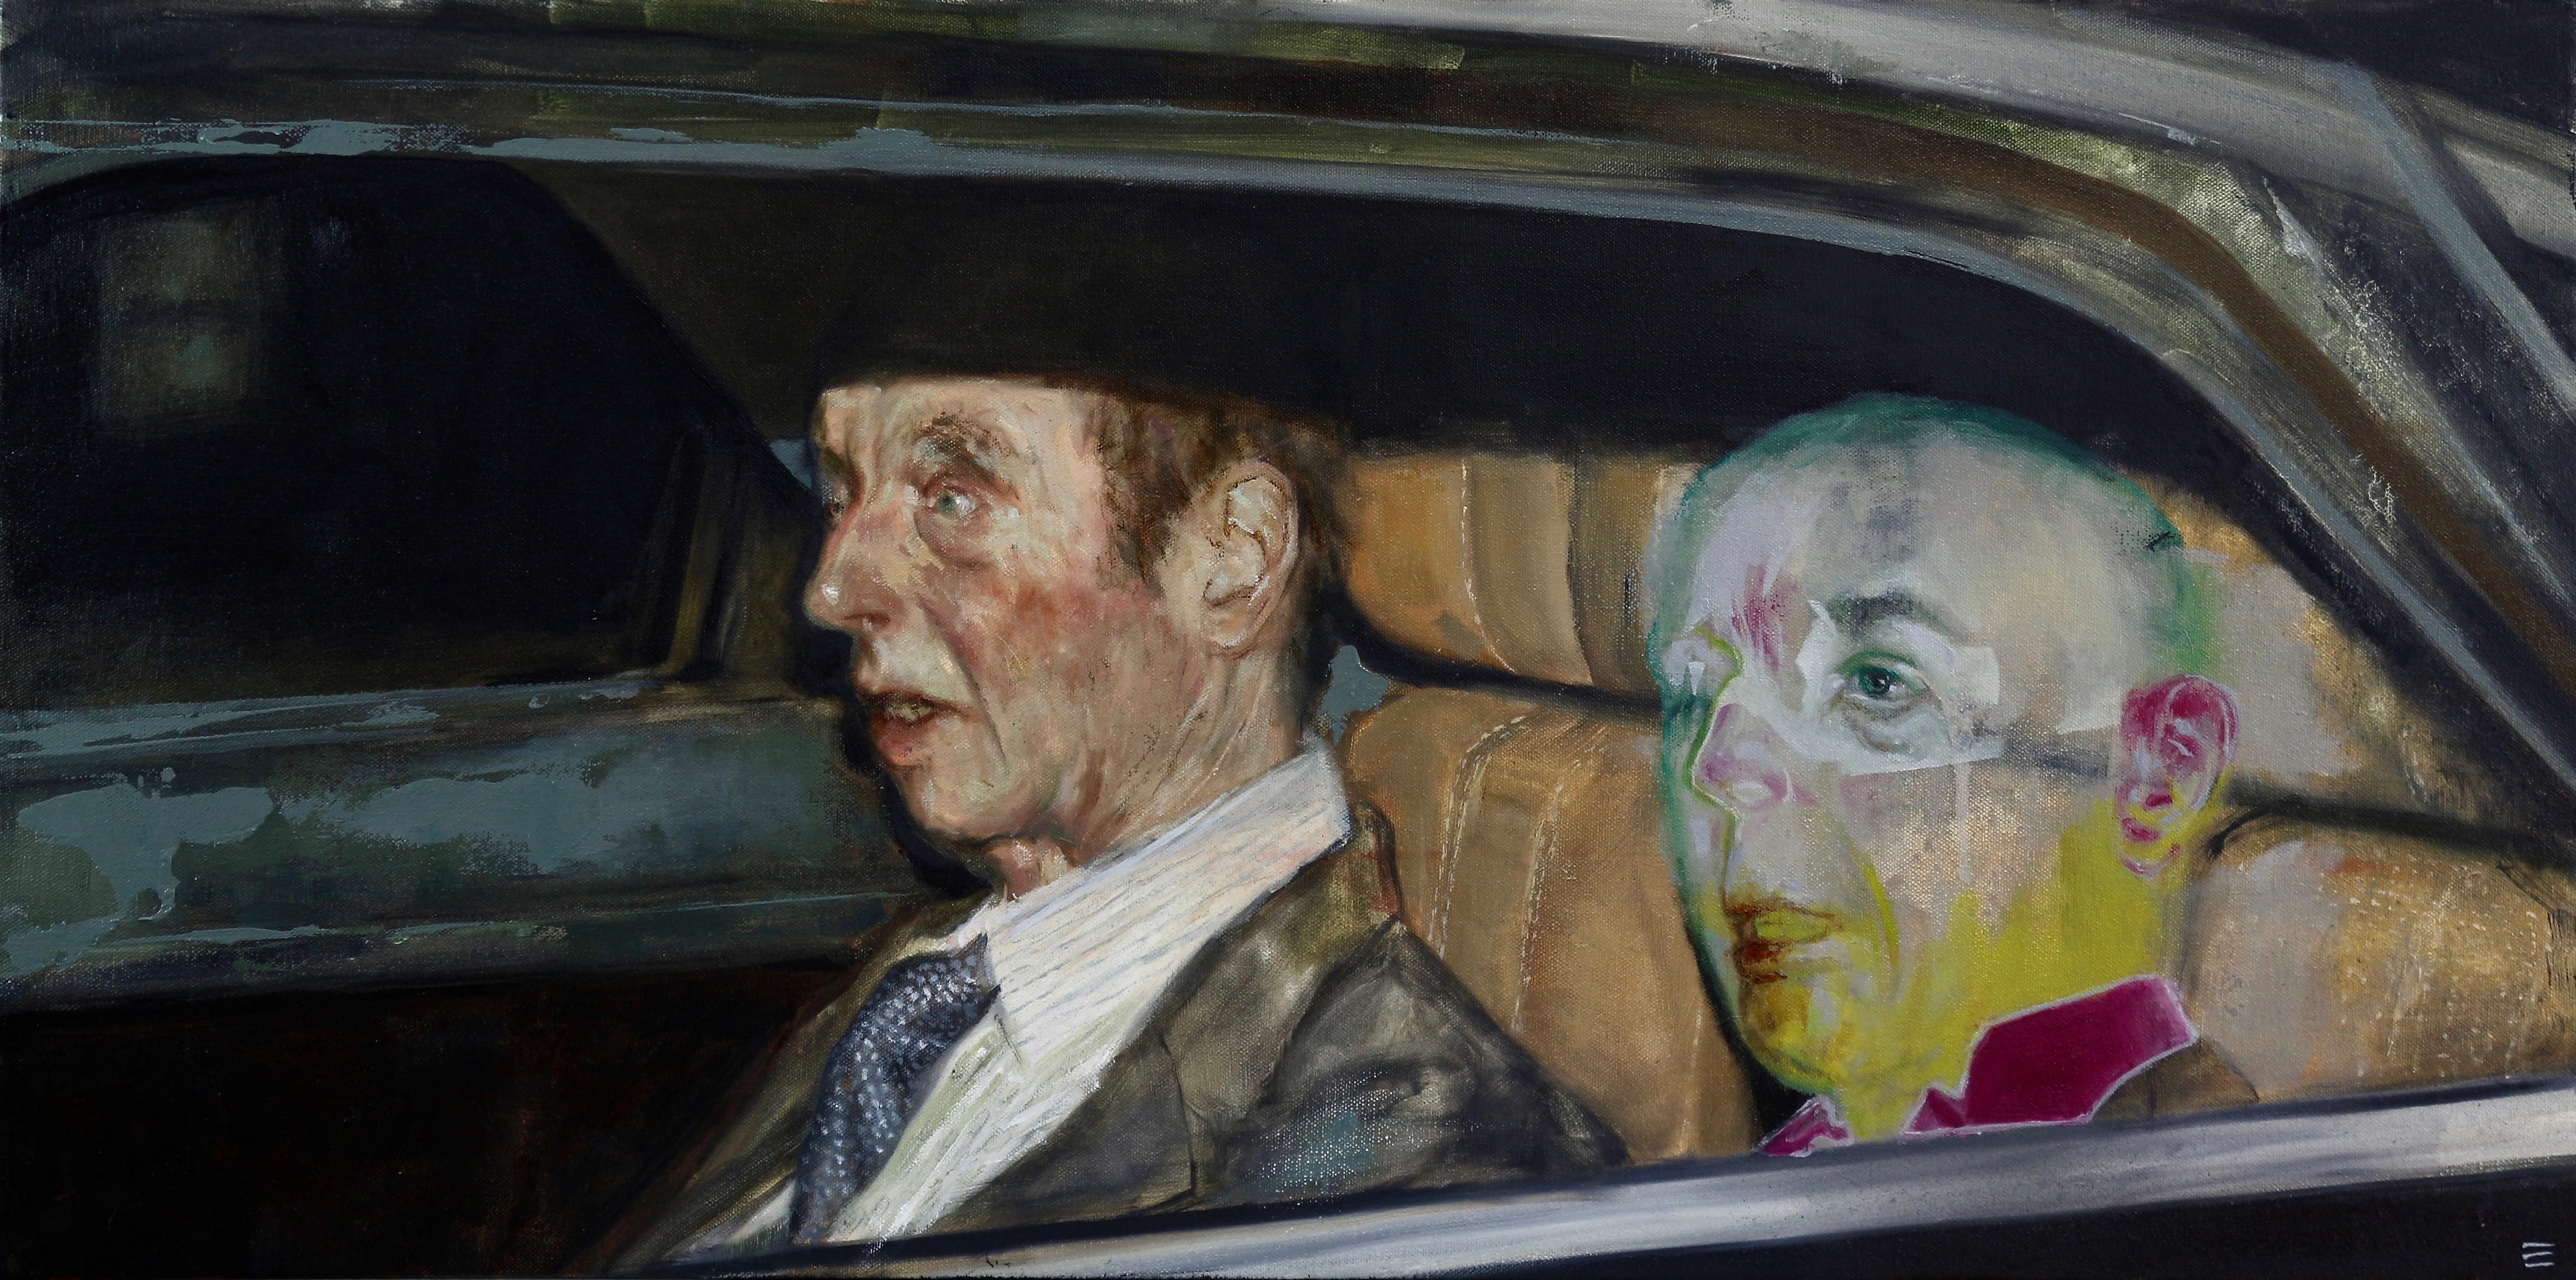 Blind Passenger